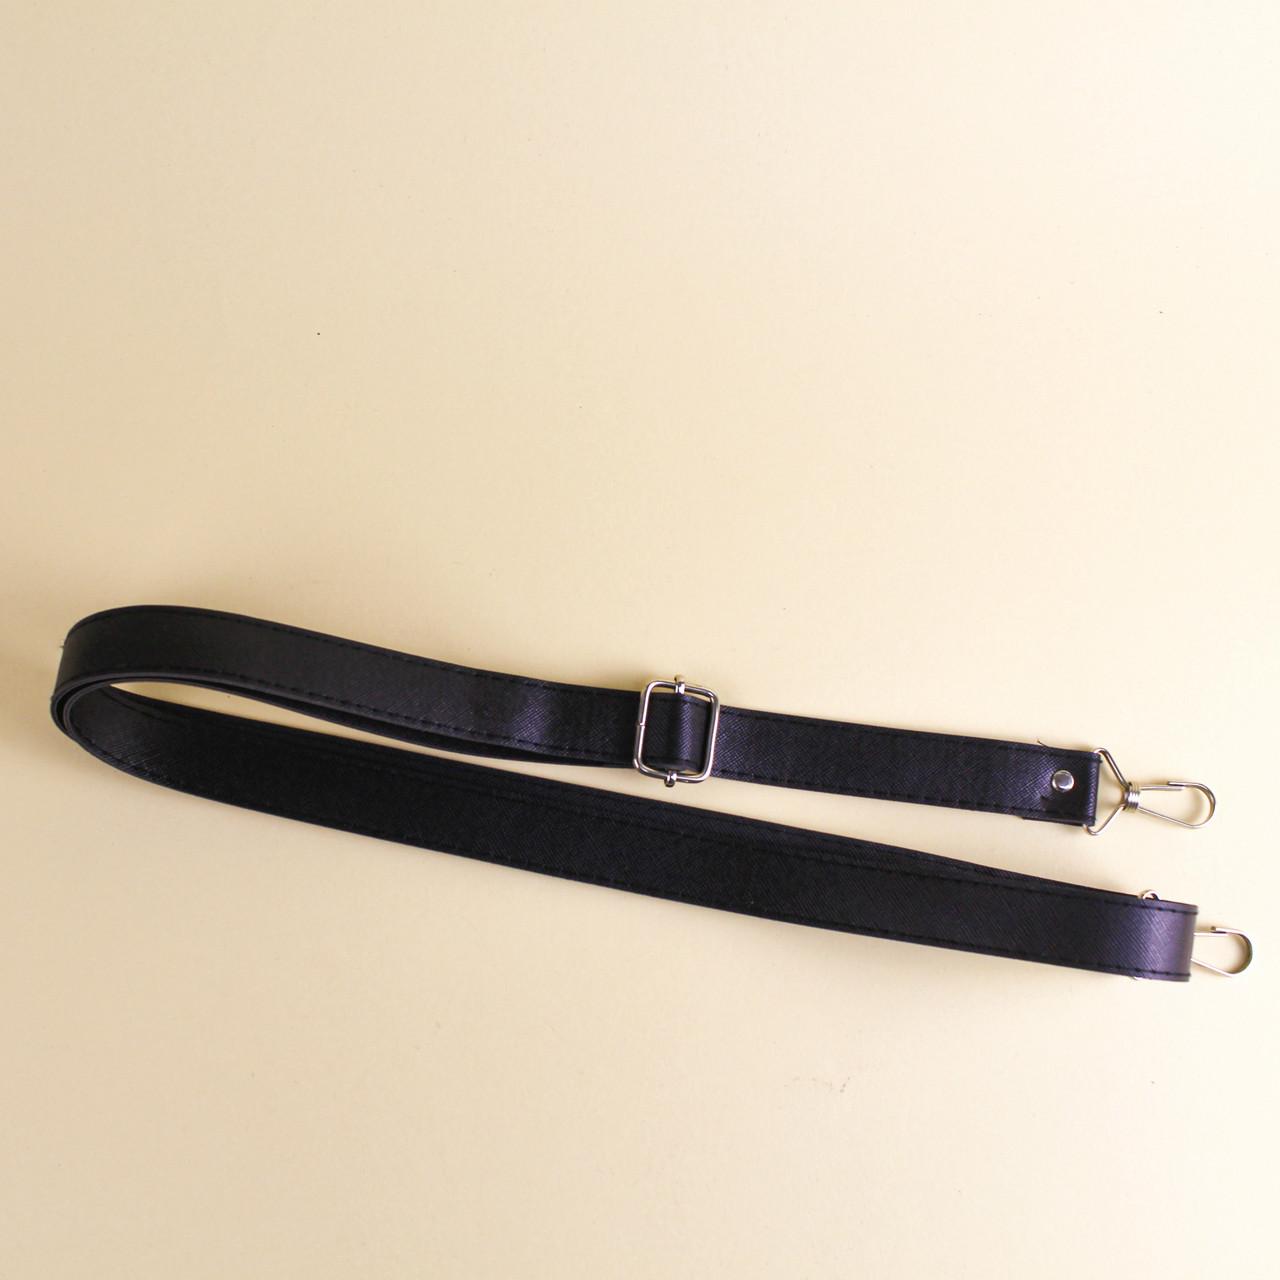 Ручка для сумки экокожа Черная регулируемая 66-130 см на неповоротных карабинах